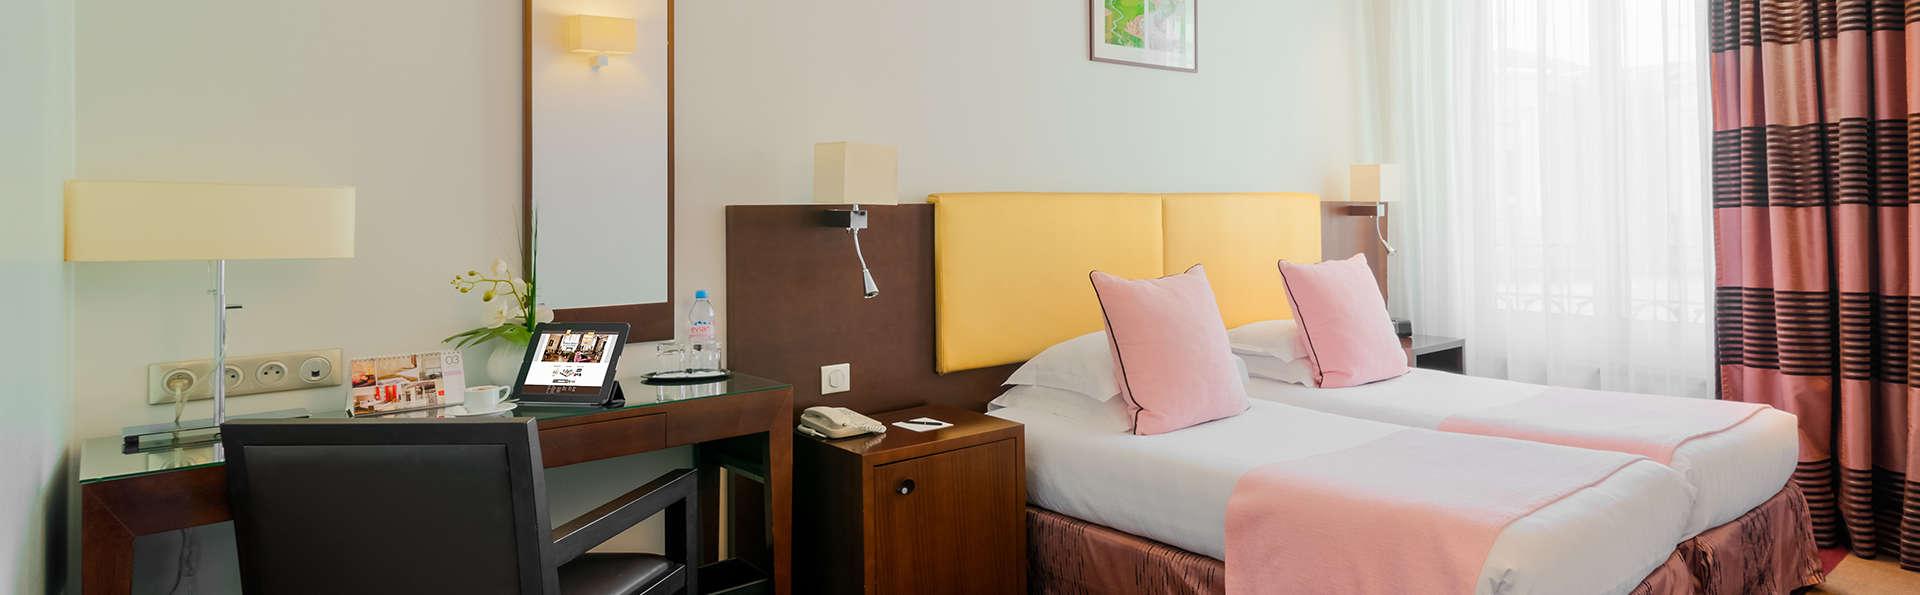 Hôtel Astra Opéra - Astotel - EDIT_room8.jpg